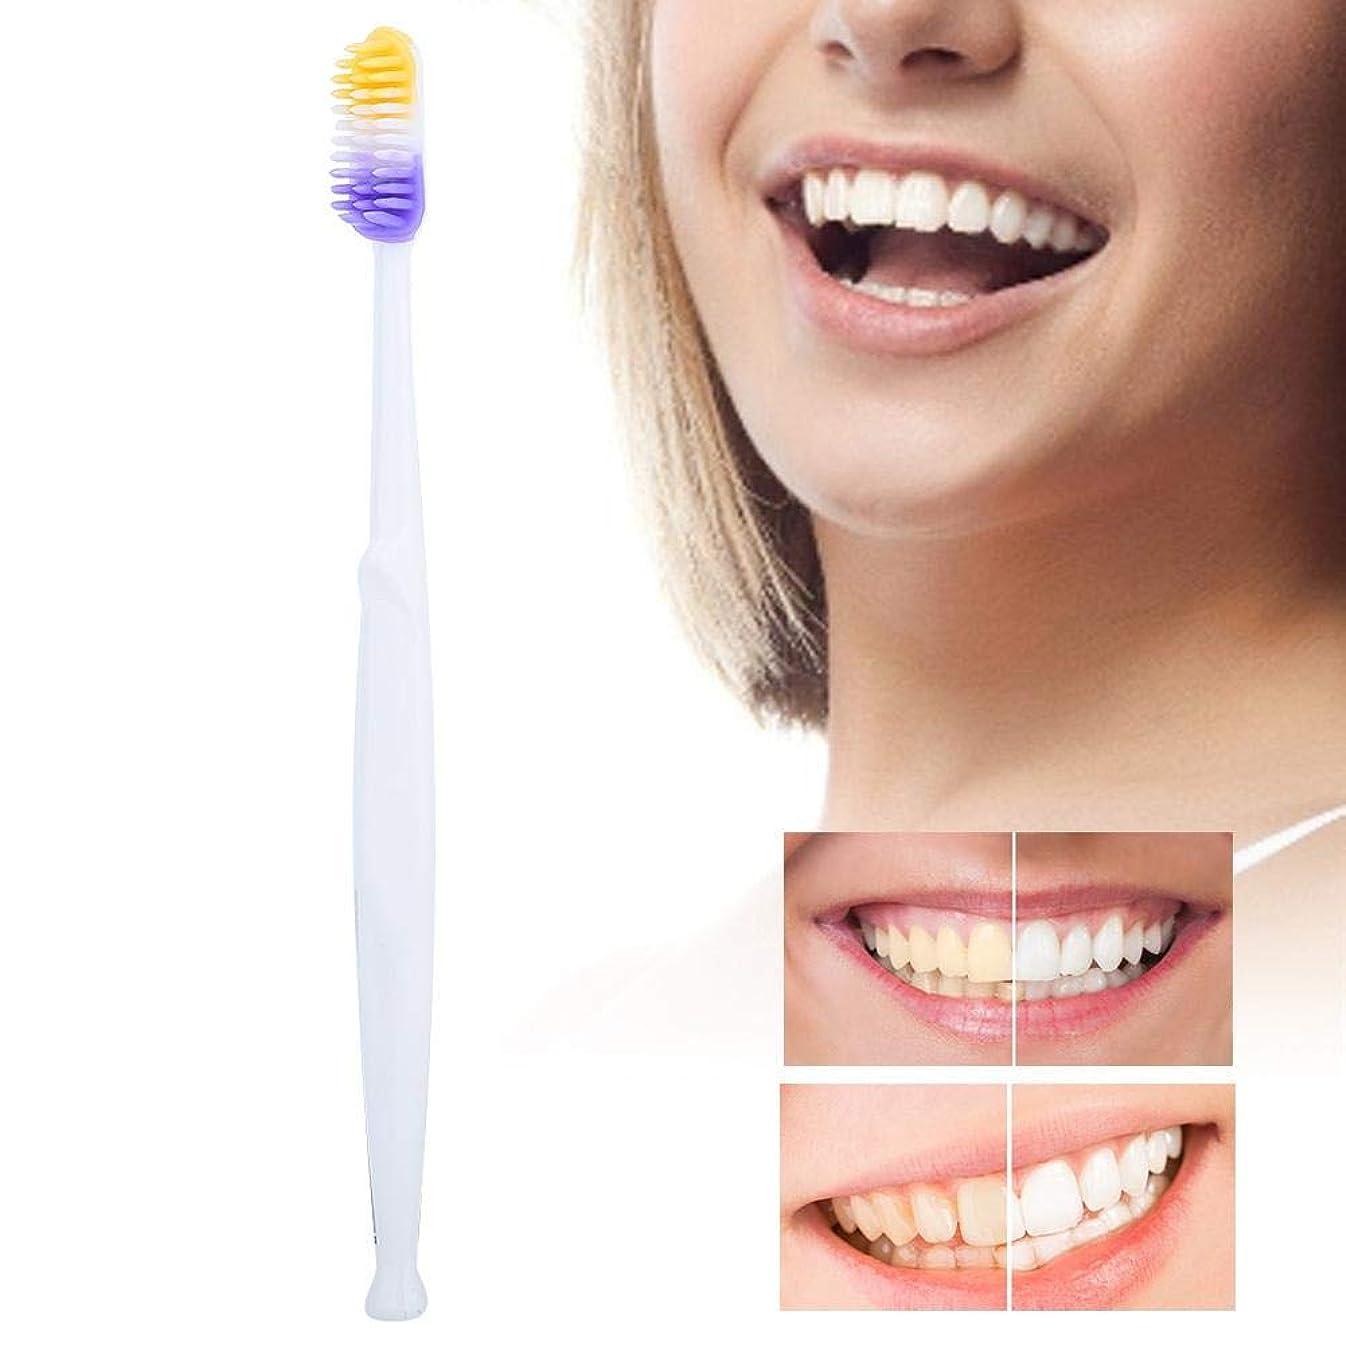 フットボール病的合法歯ブラシ、妊娠中の産後の女性のオーラルケア用具のためのシリコーンの柔らかい毛の歯ブラシのクリーニングの歯ブラシ